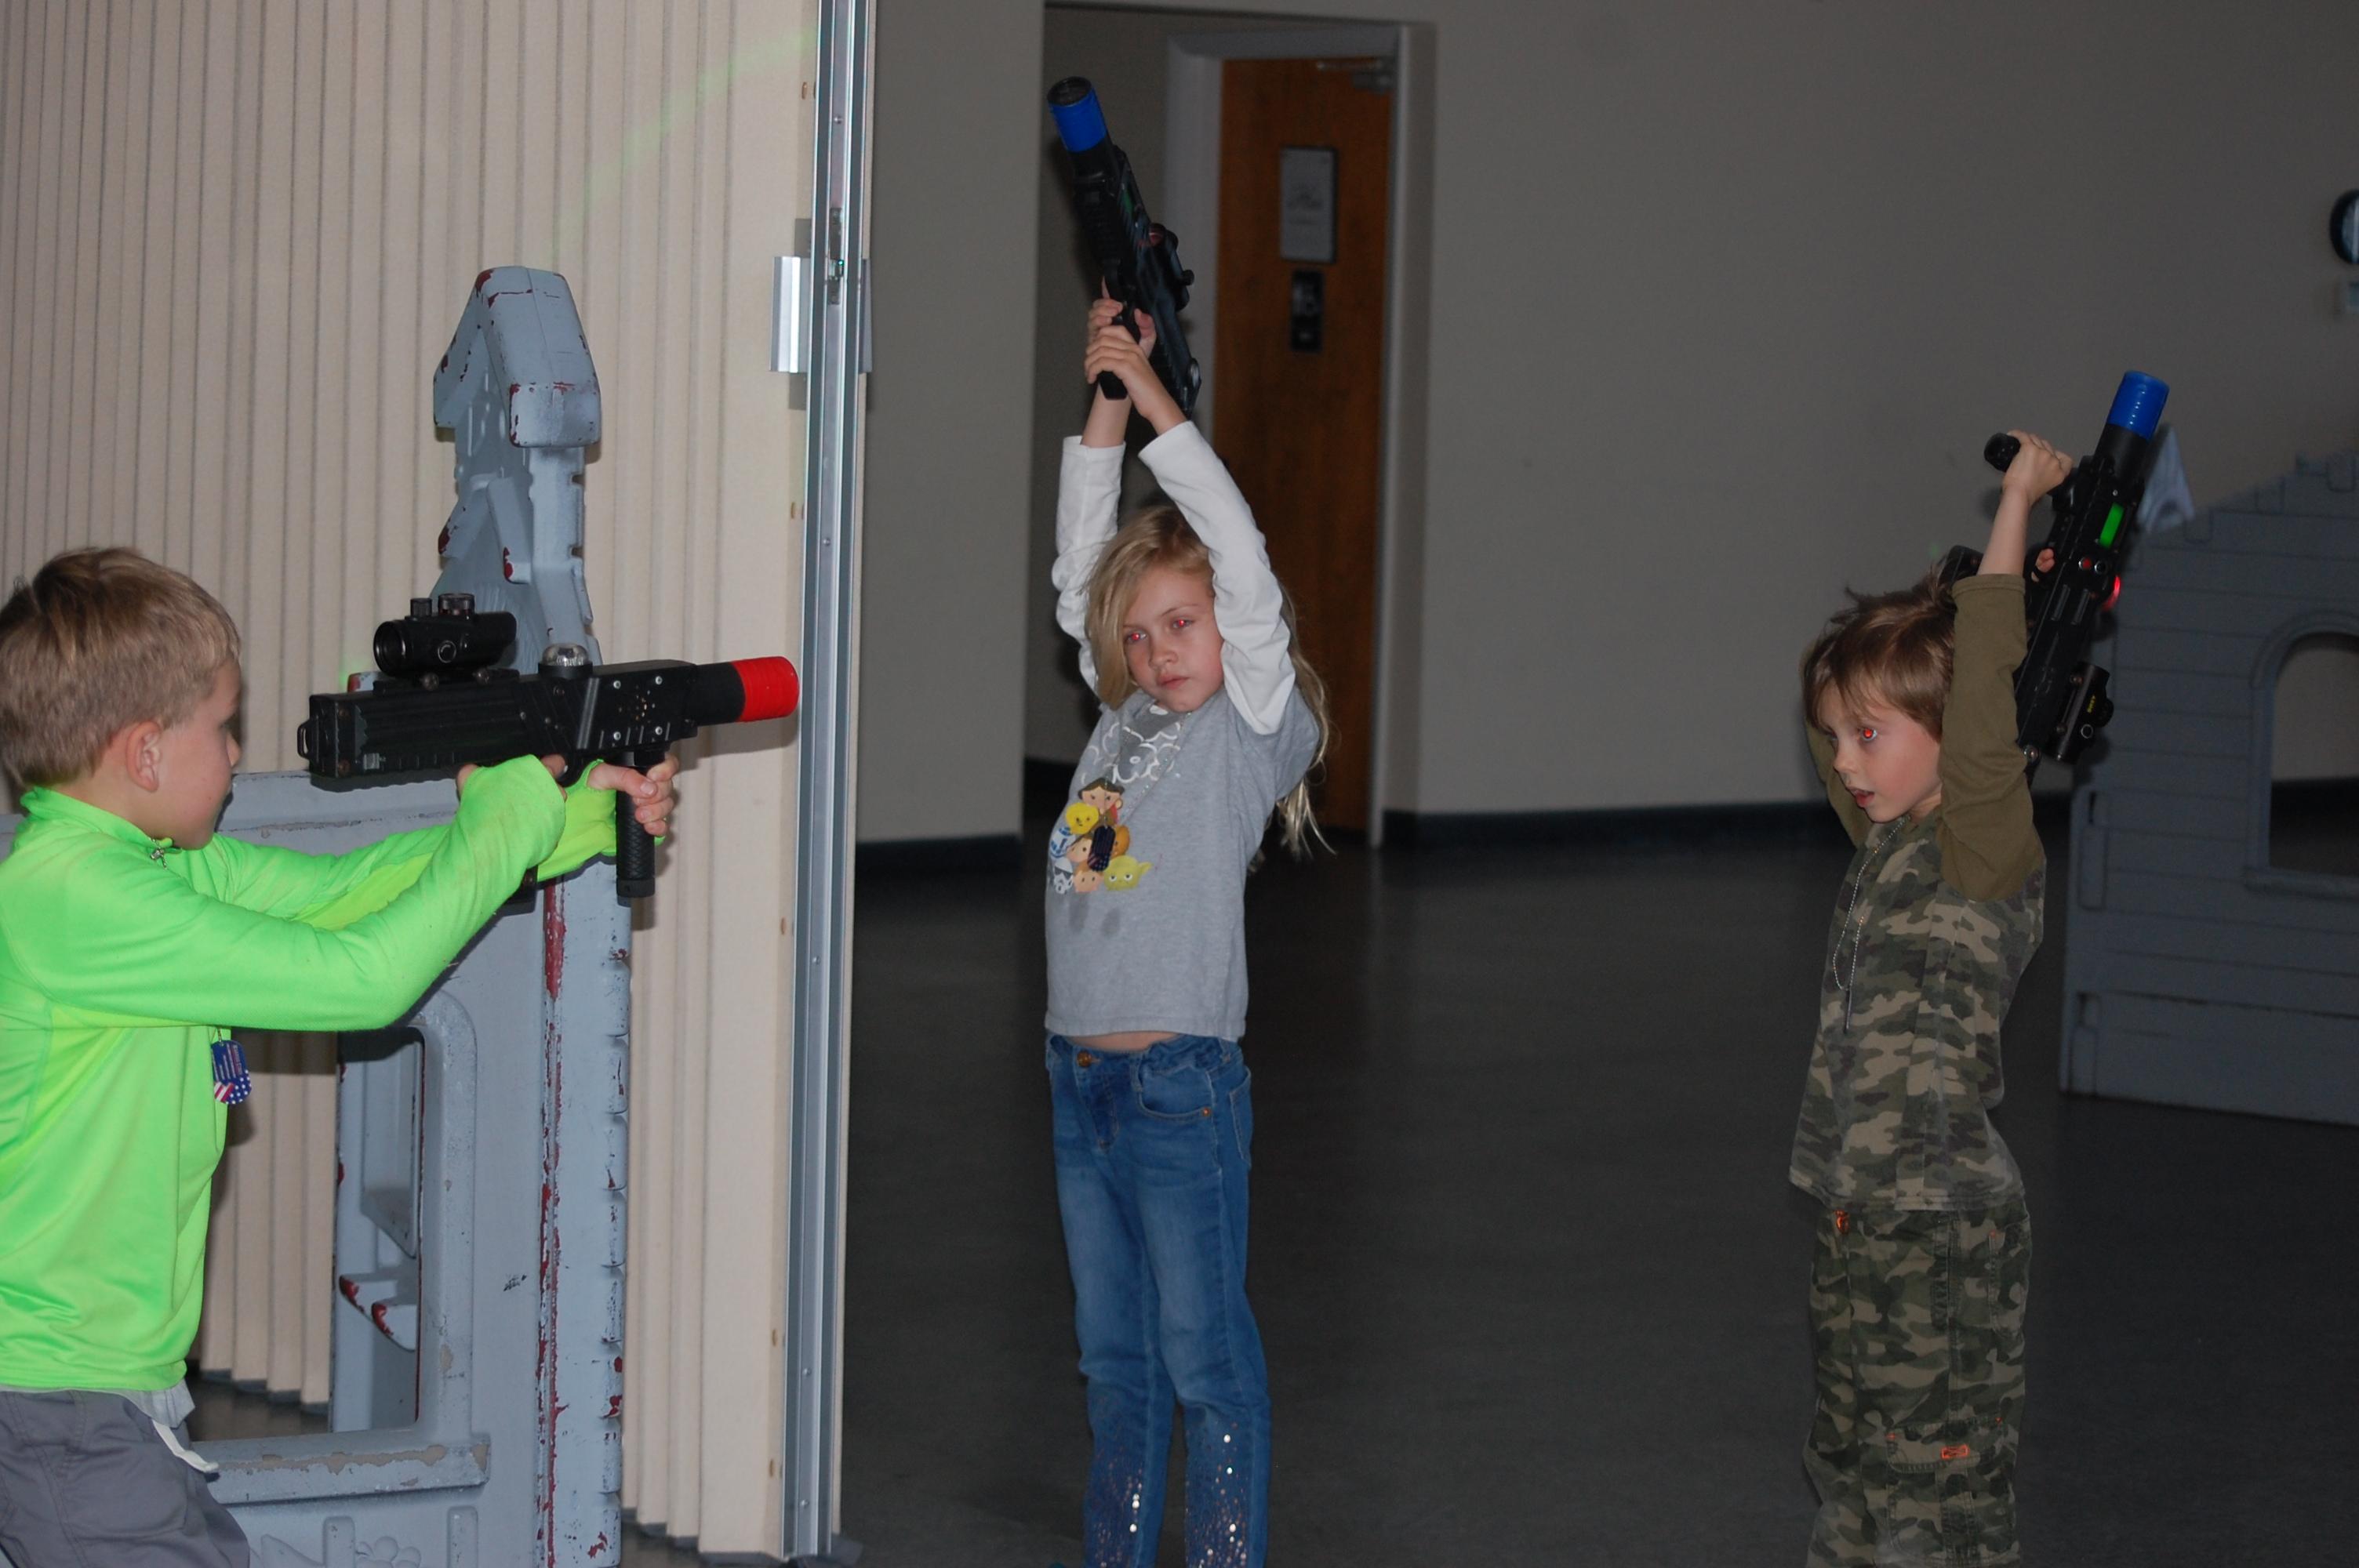 Mobile Laser Tag in Port Charlotte